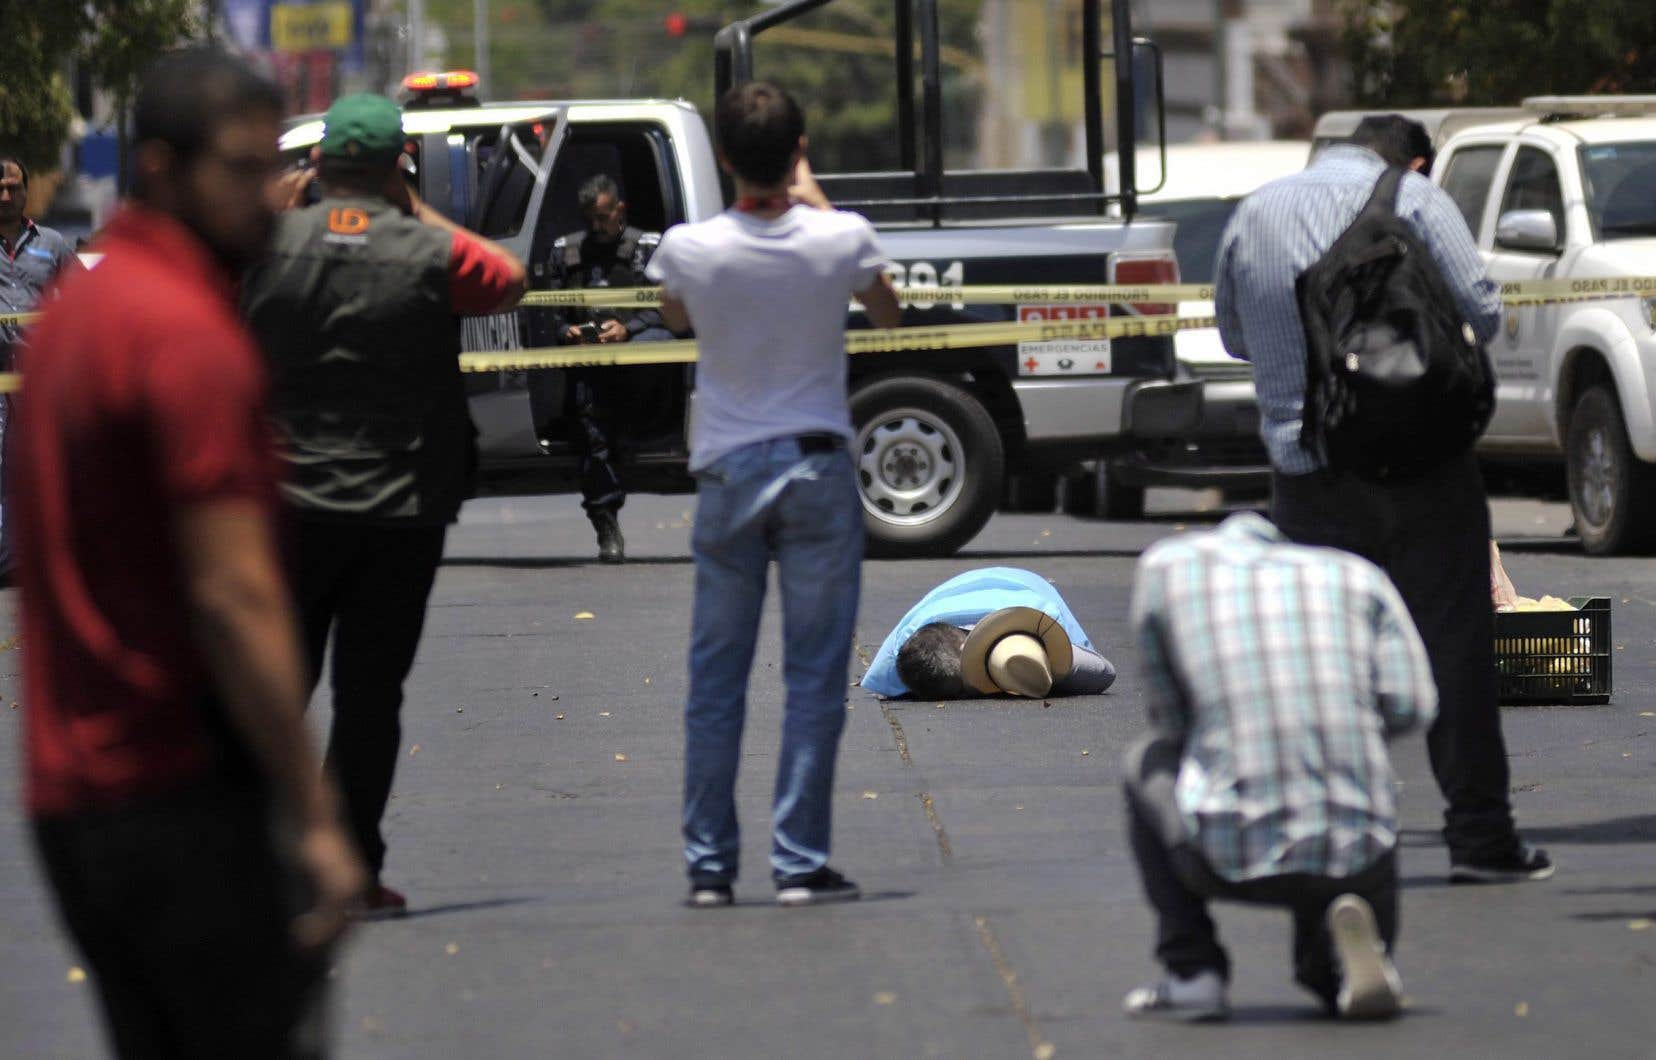 Des passants prennent des photos du journaliste et écrivain mexicain Javier Valdez Cárdenas, tué par balles en pleine rue à Culiacán, dans l'État de Sinaloa, le 15mai dernier.